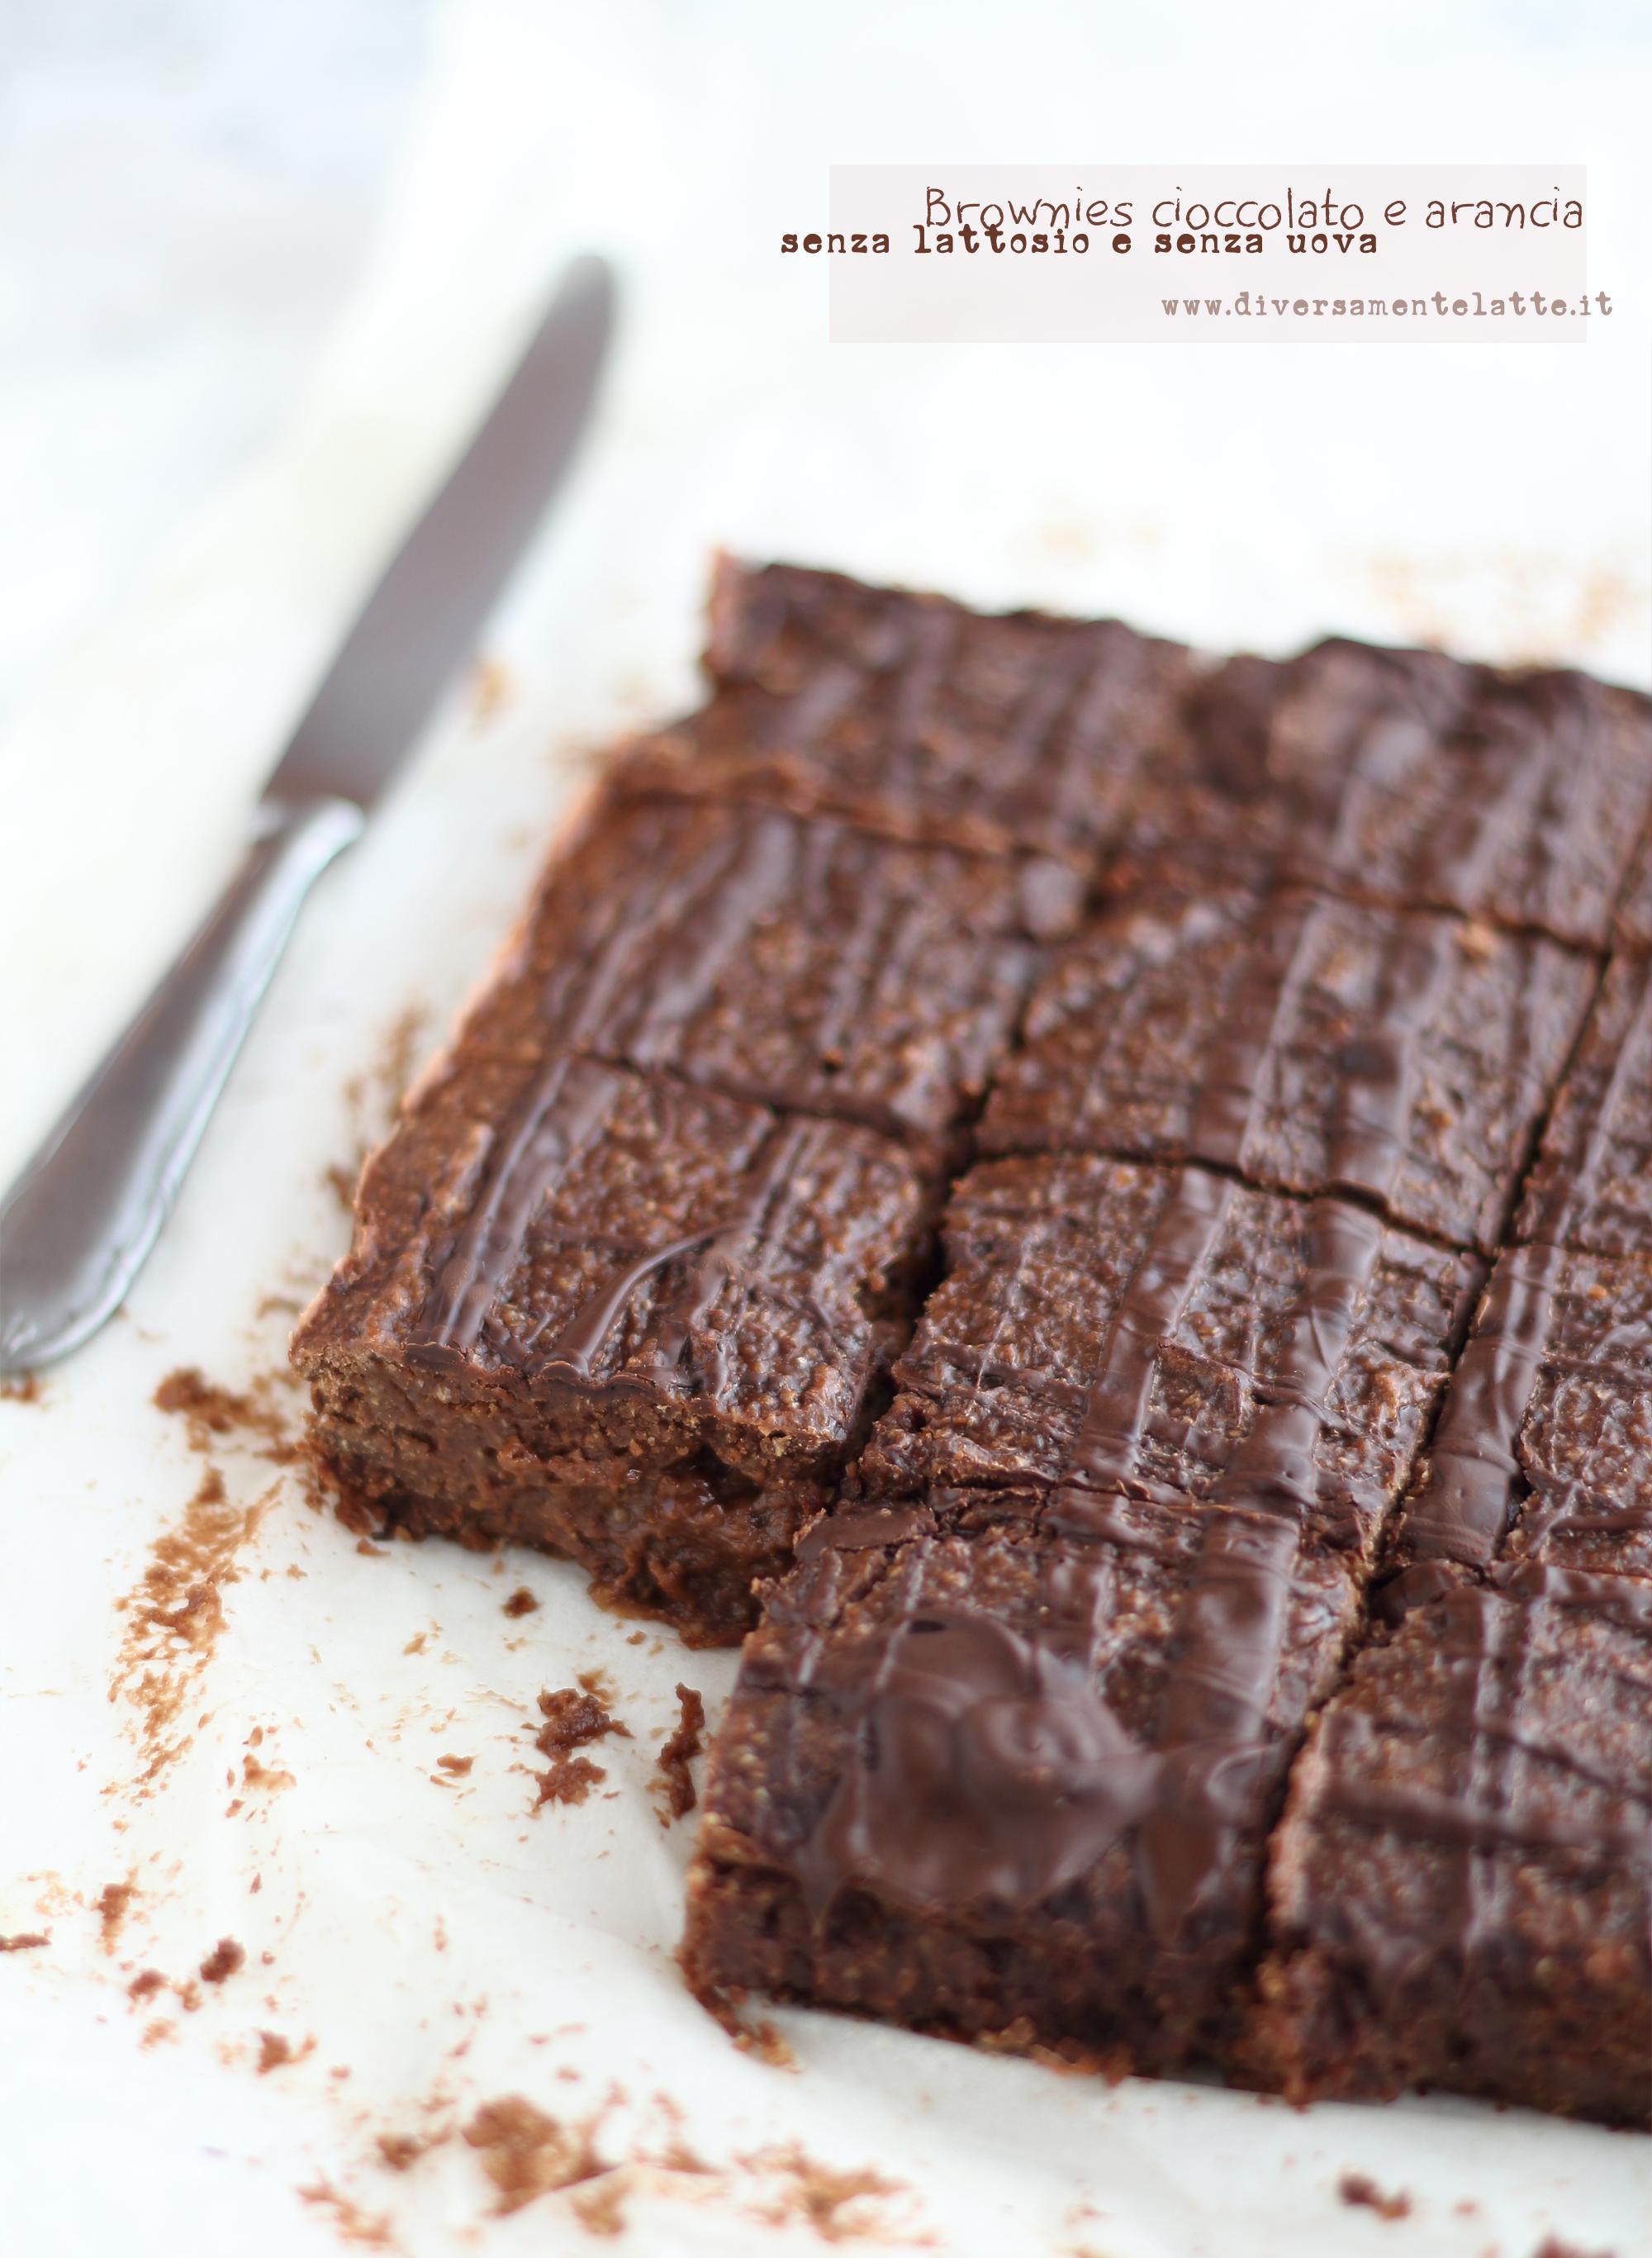 brownies cioccolato arancia